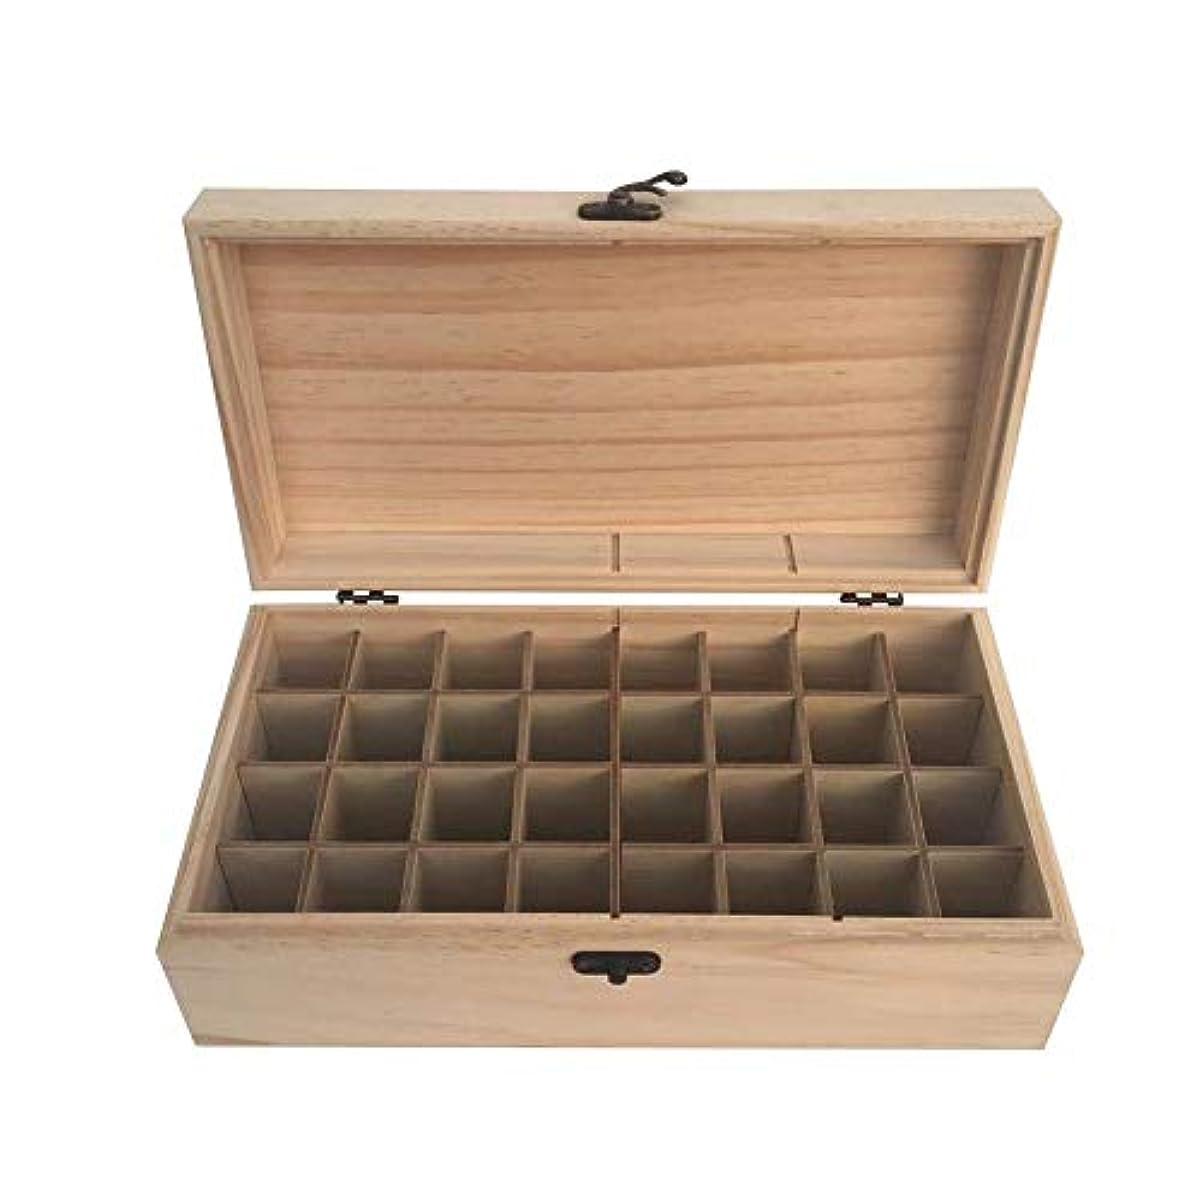 安全でない連鎖勇気エッセンシャルオイル収納ボックス 精油収納ケース 大容量 32本収納可能 取り外し可能 木製 環境に優しい 5ml~15mlの精油ボルトに対応 junexi